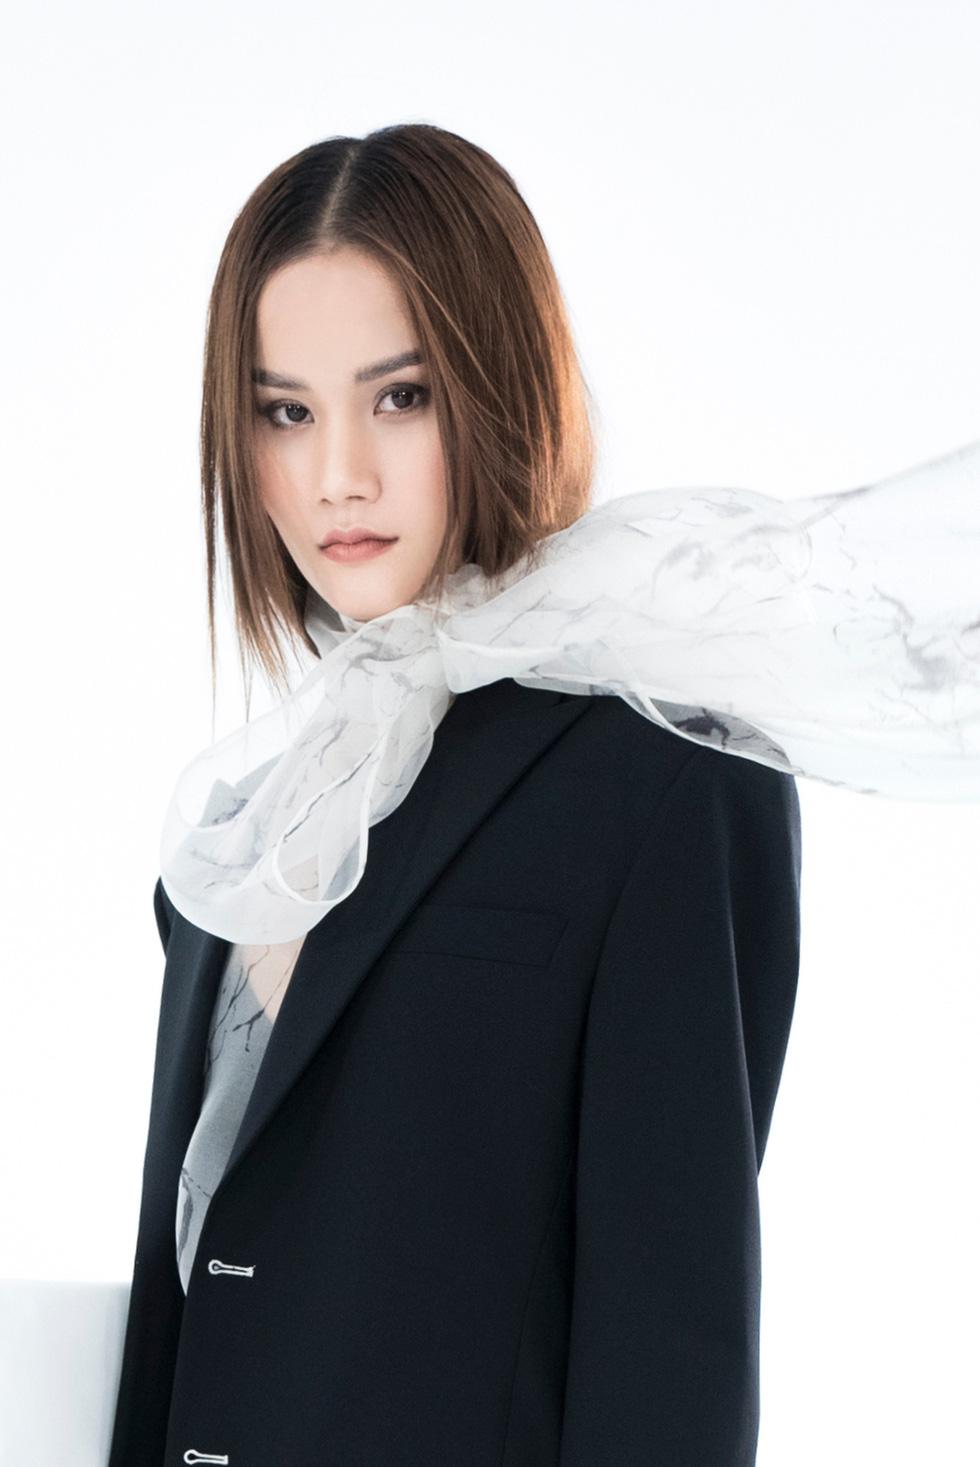 Trần Hùng công bố bộ sưu tập ấn tượng La Muse đến London Fashion Week - Ảnh 6.